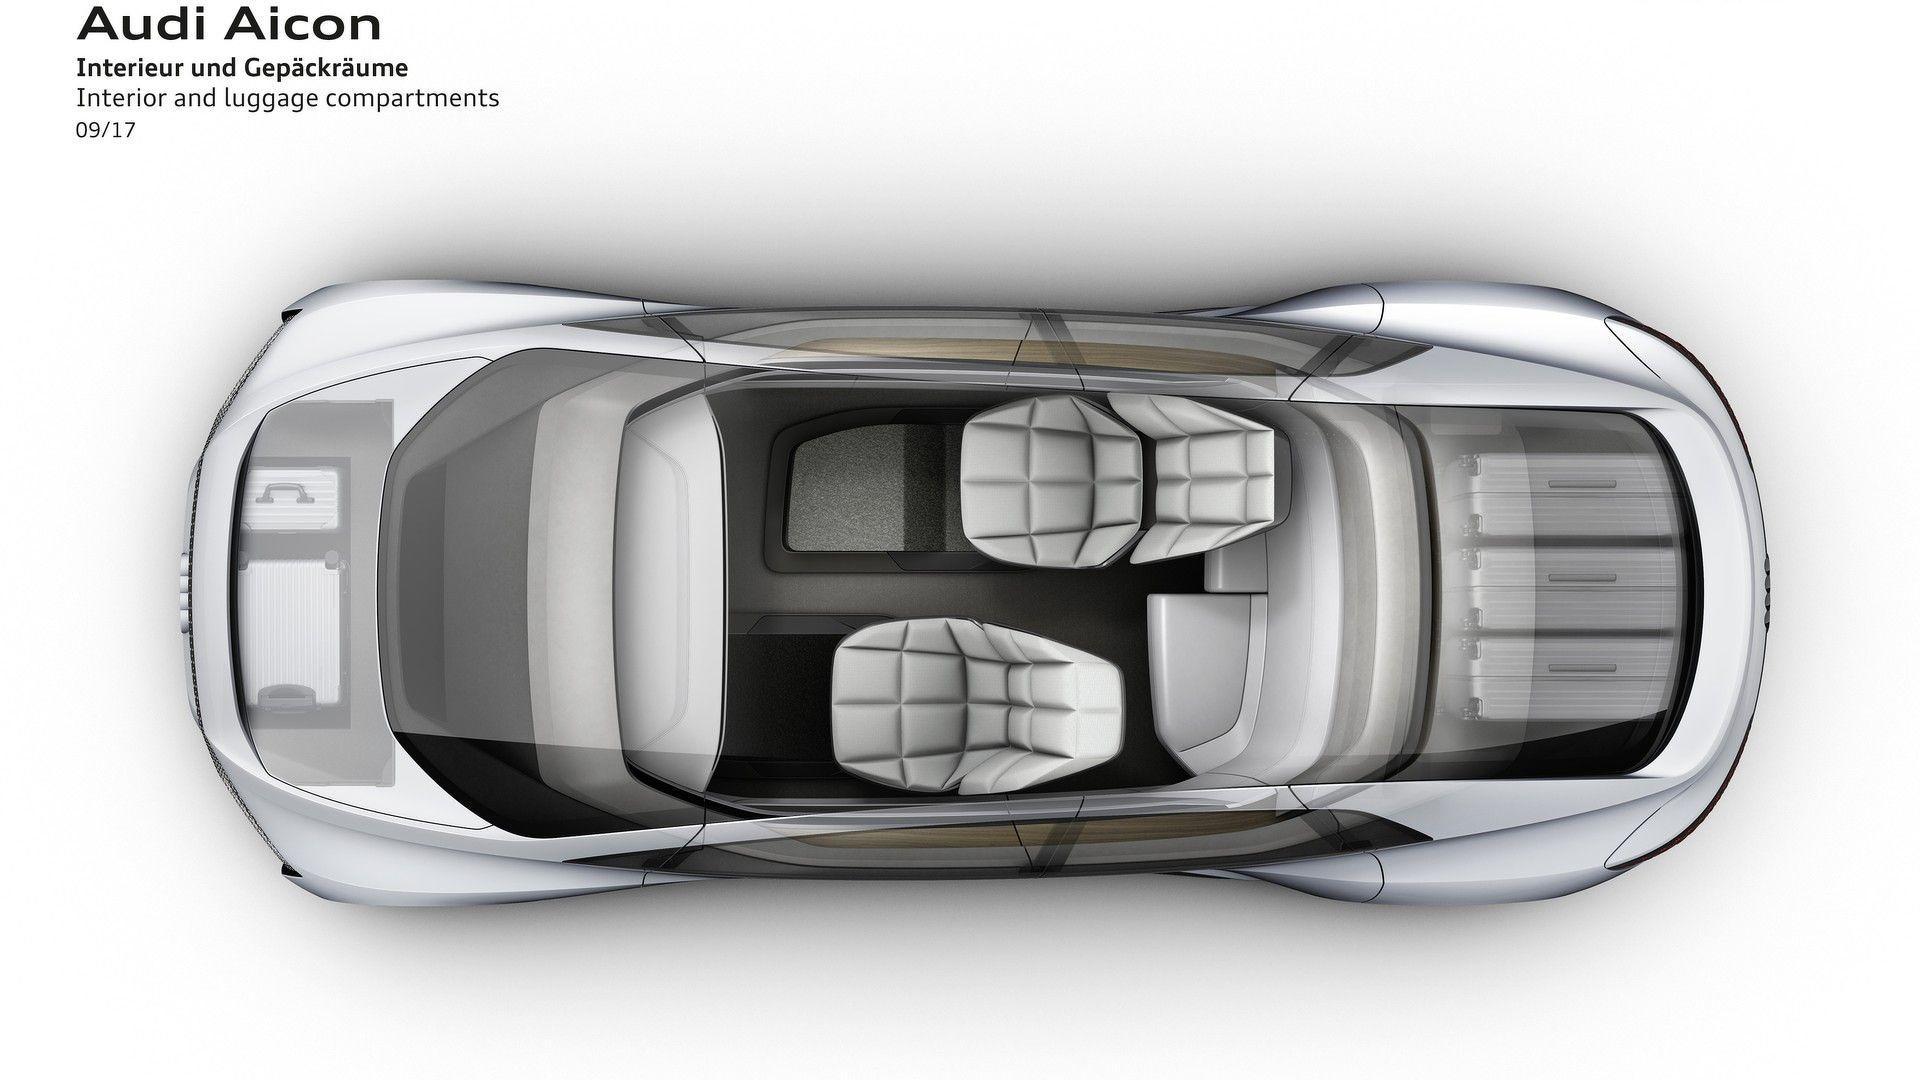 2018 audi elaine. Modren Audi Audi Aicon And Elaine Preview Autonomous Tech Of The Future To 2018